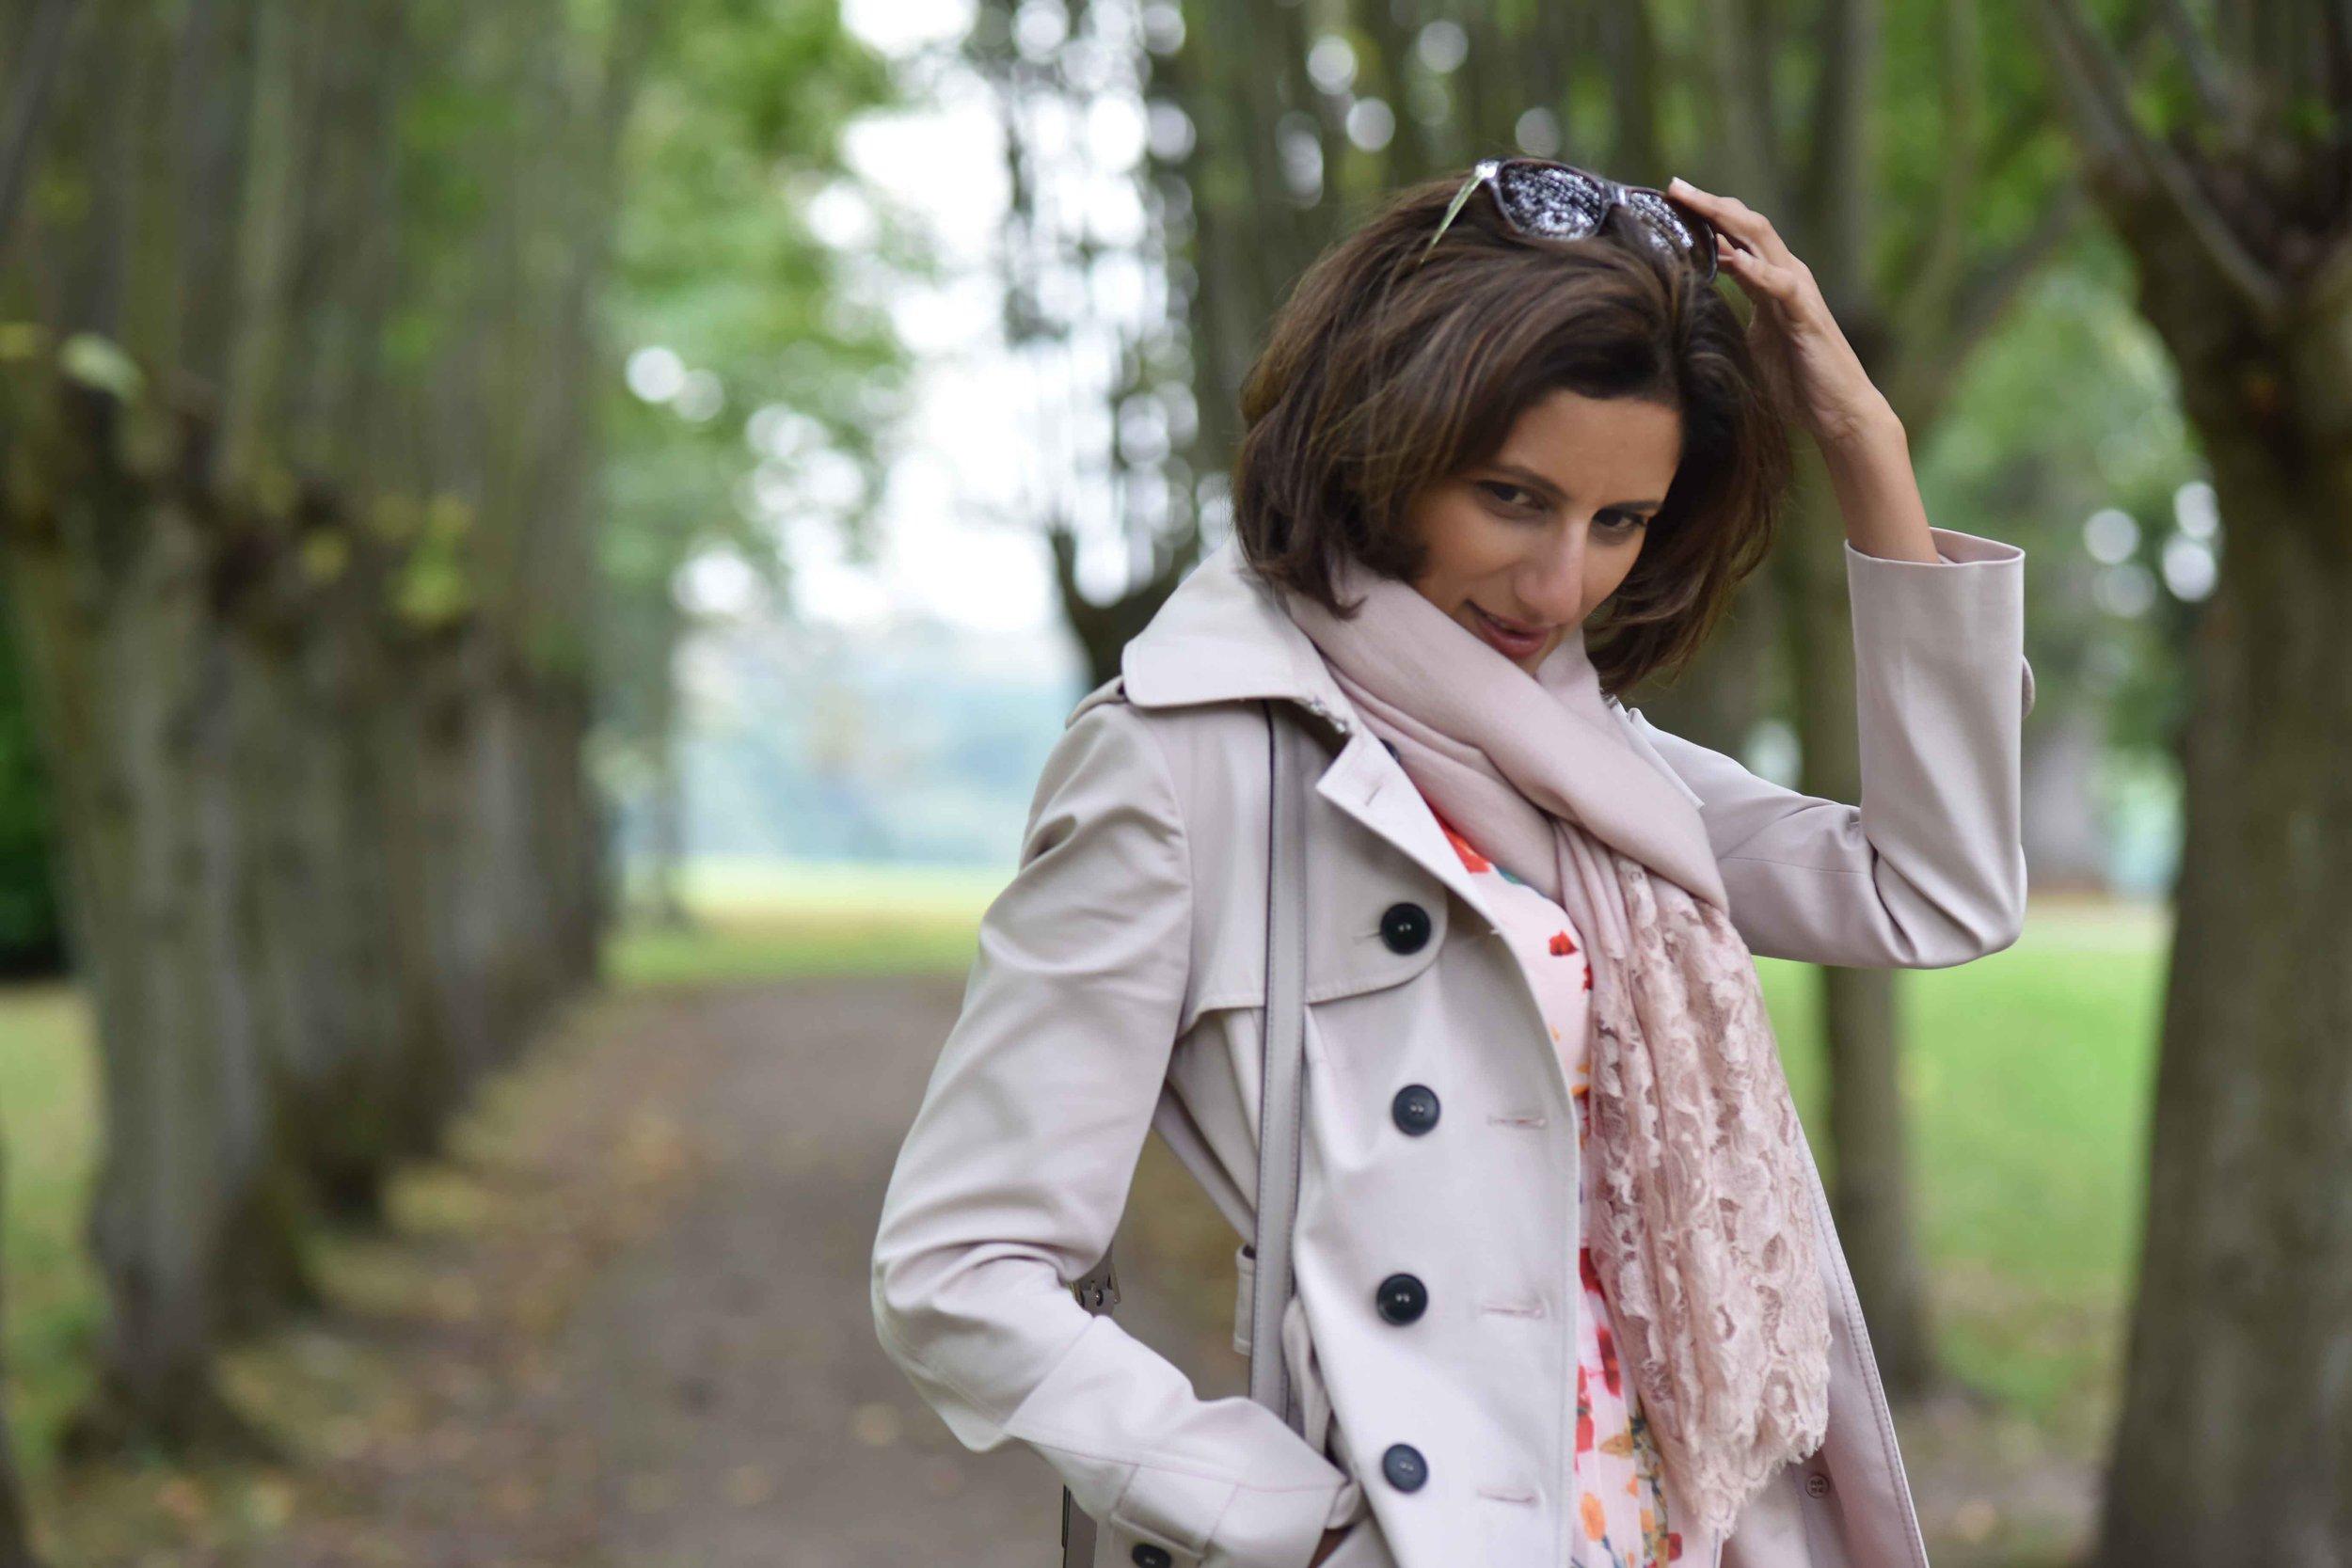 Karen Millen trench coat, Coworth Park Hotel, Ascot, U.K. Image©sourcingstyle.com